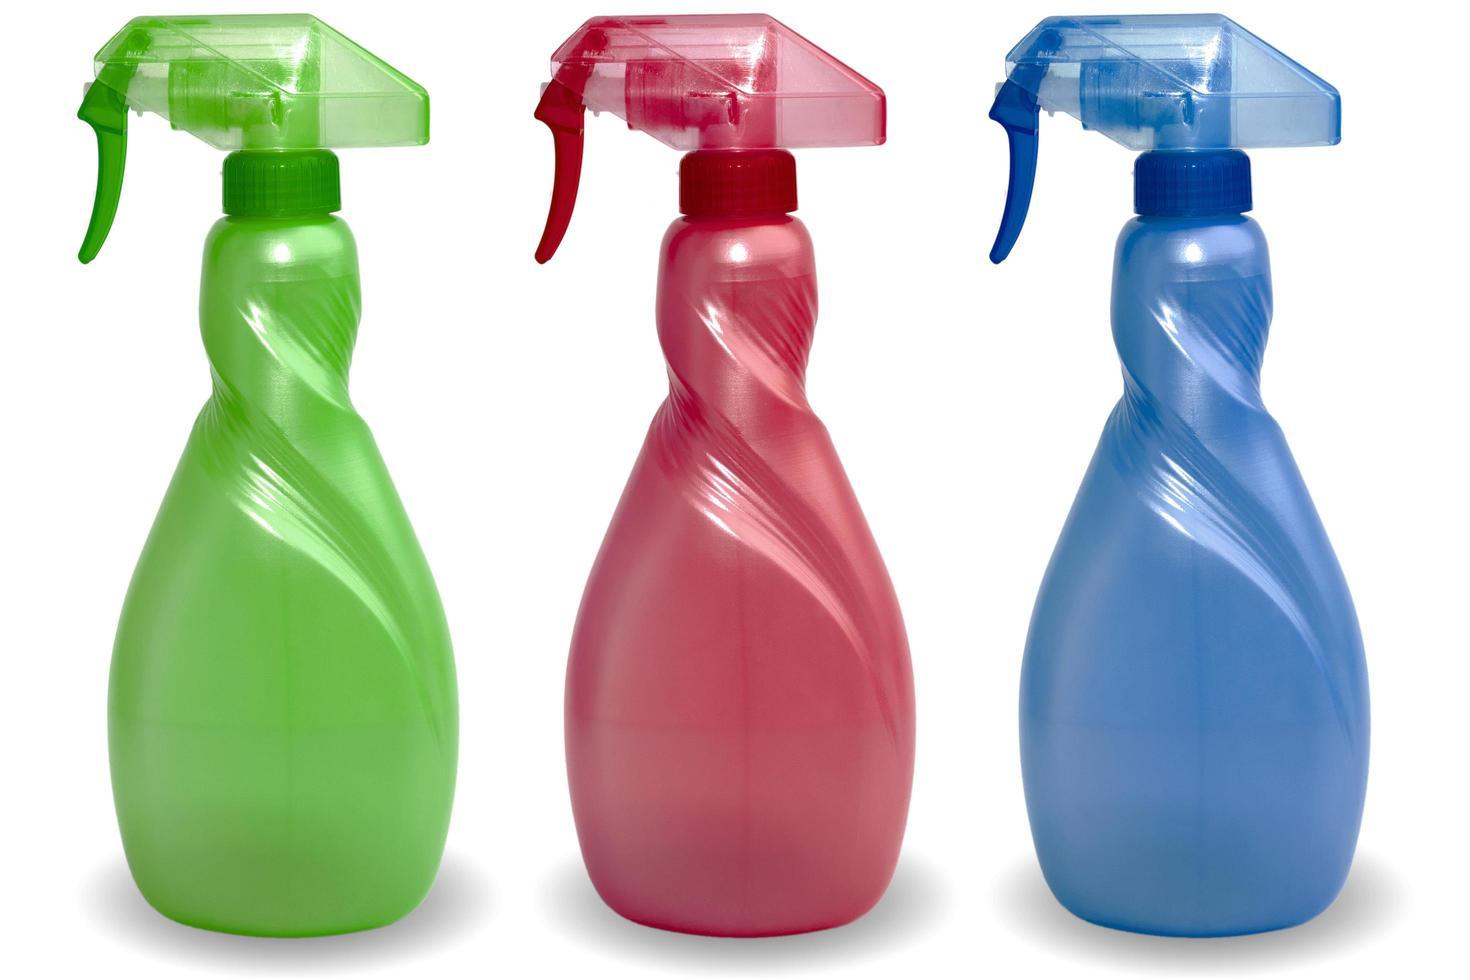 bouteille en plastique pour produits liquides photo